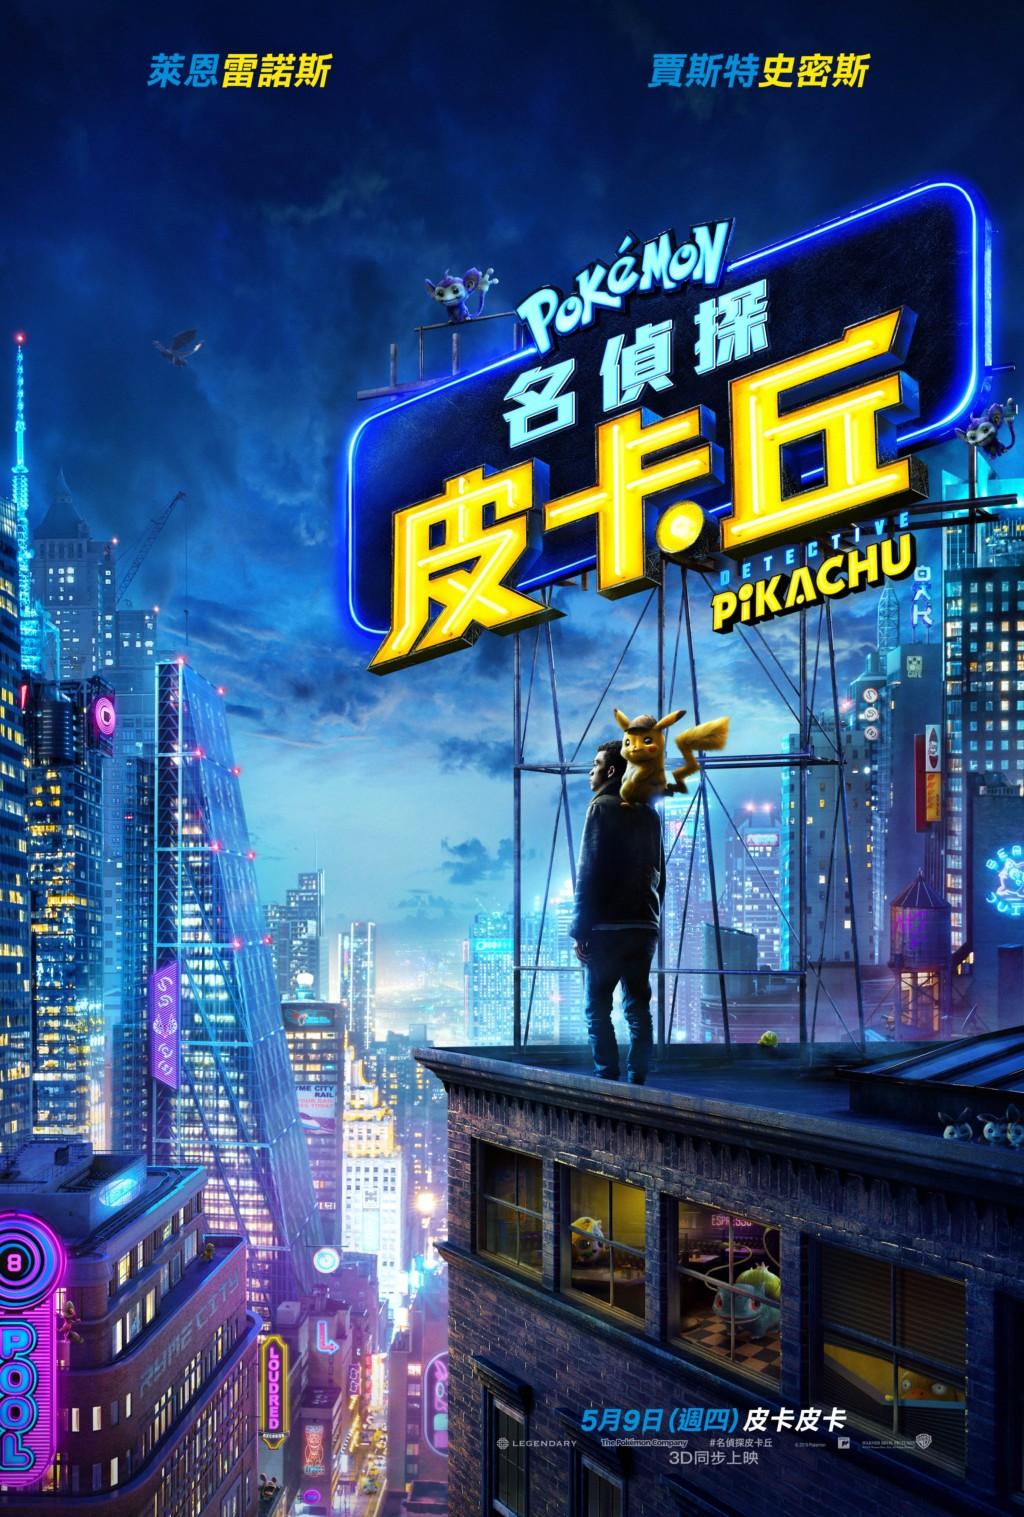 《名偵探皮卡丘》推超ㄎㄧㄤ新預告片 皮卡丘看到噴火龍「嚇到跪地求饒」...「新角色」從天而降!